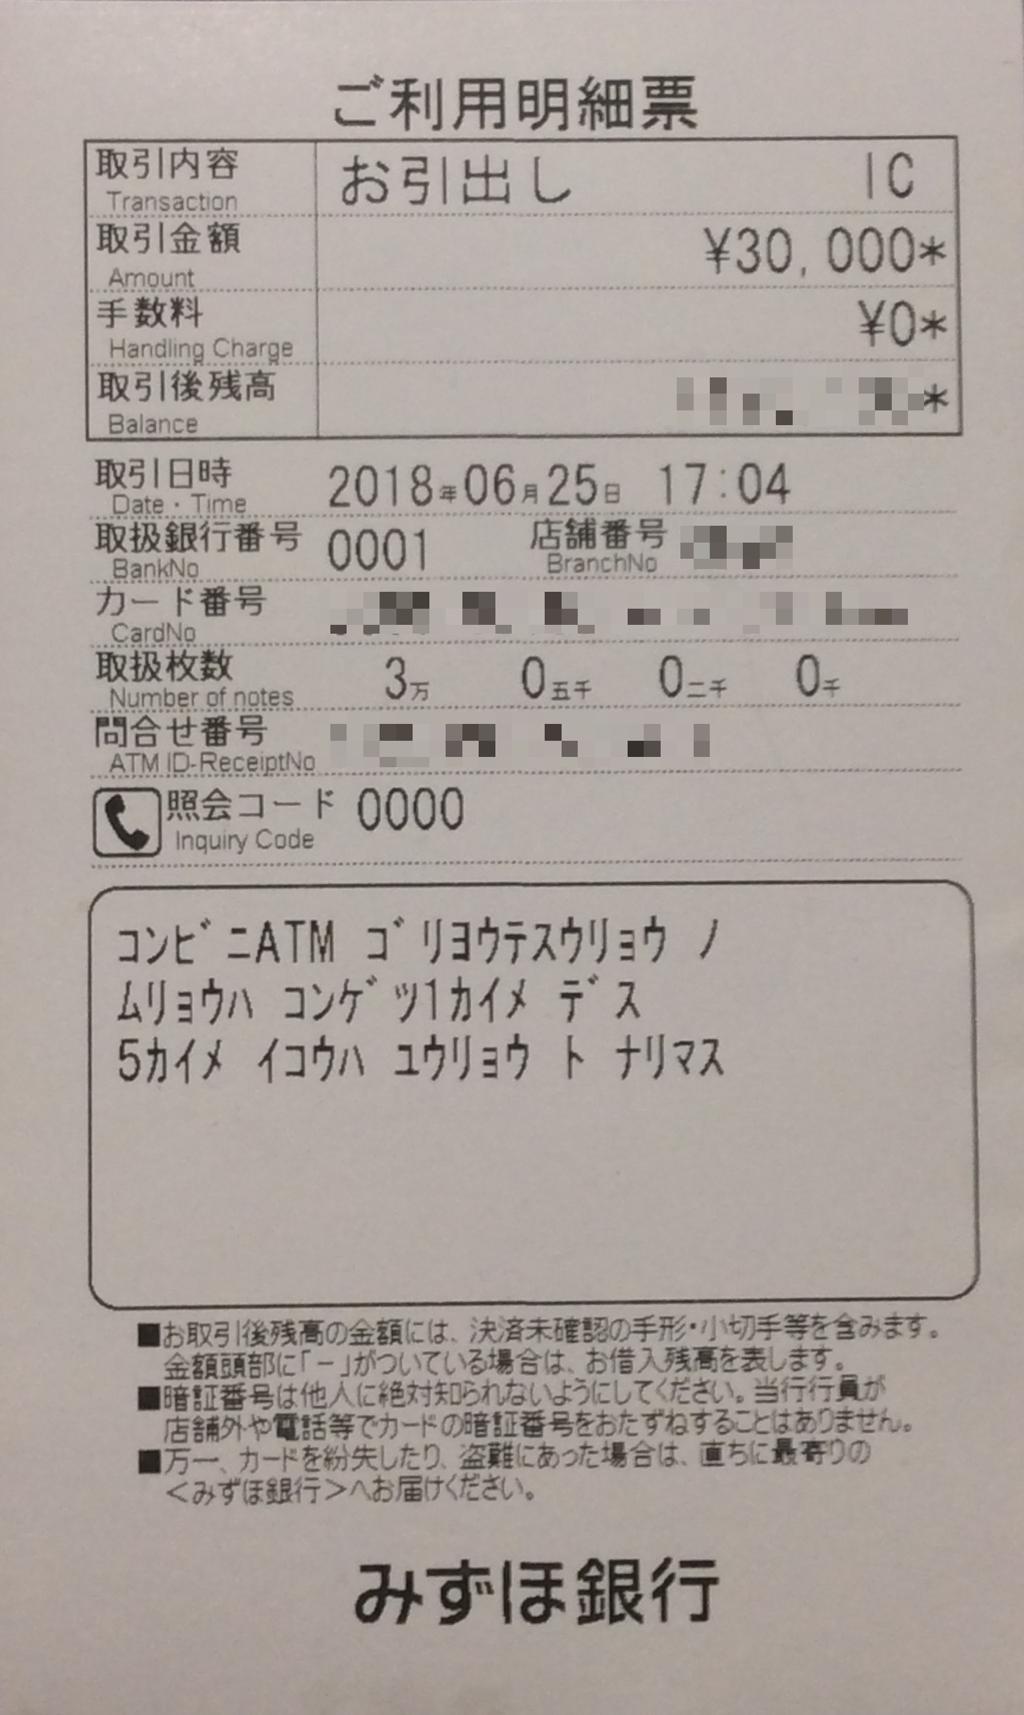 コンビニATM 引出明細票